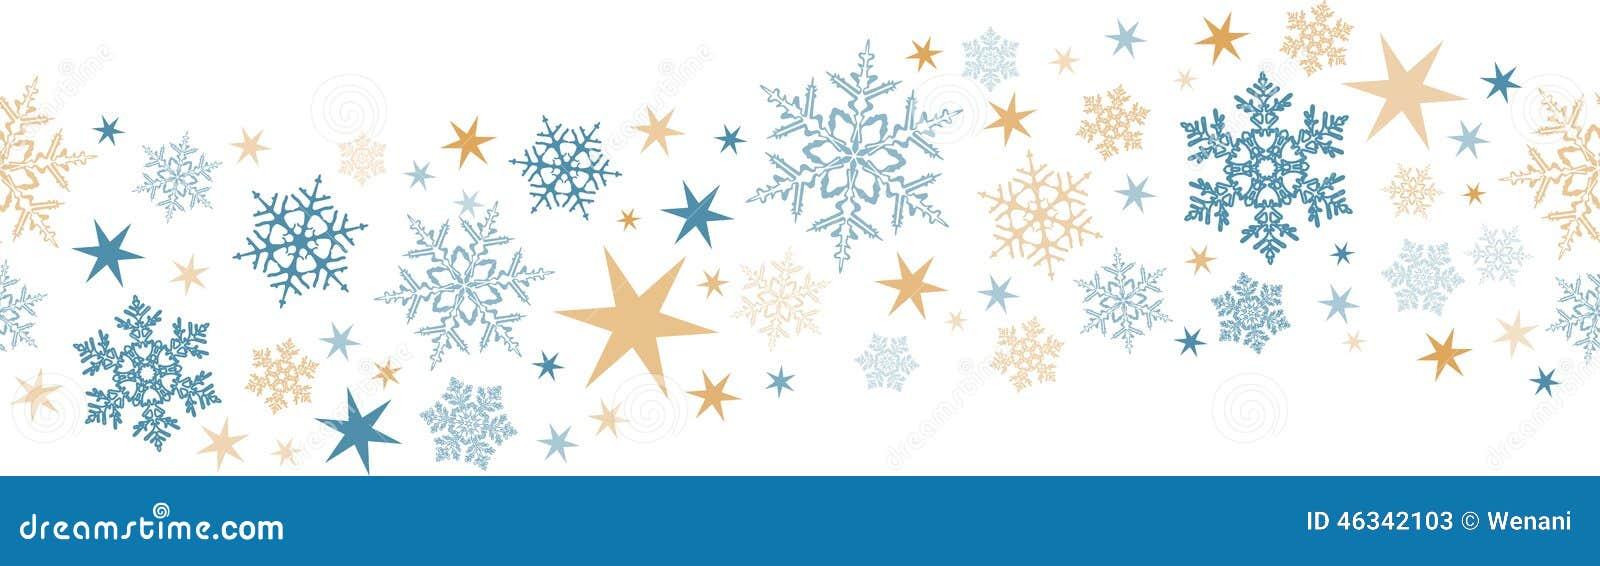 Nahtlose Schneeflocke, Sterngrenze Vektor Abbildung - Illustration ...